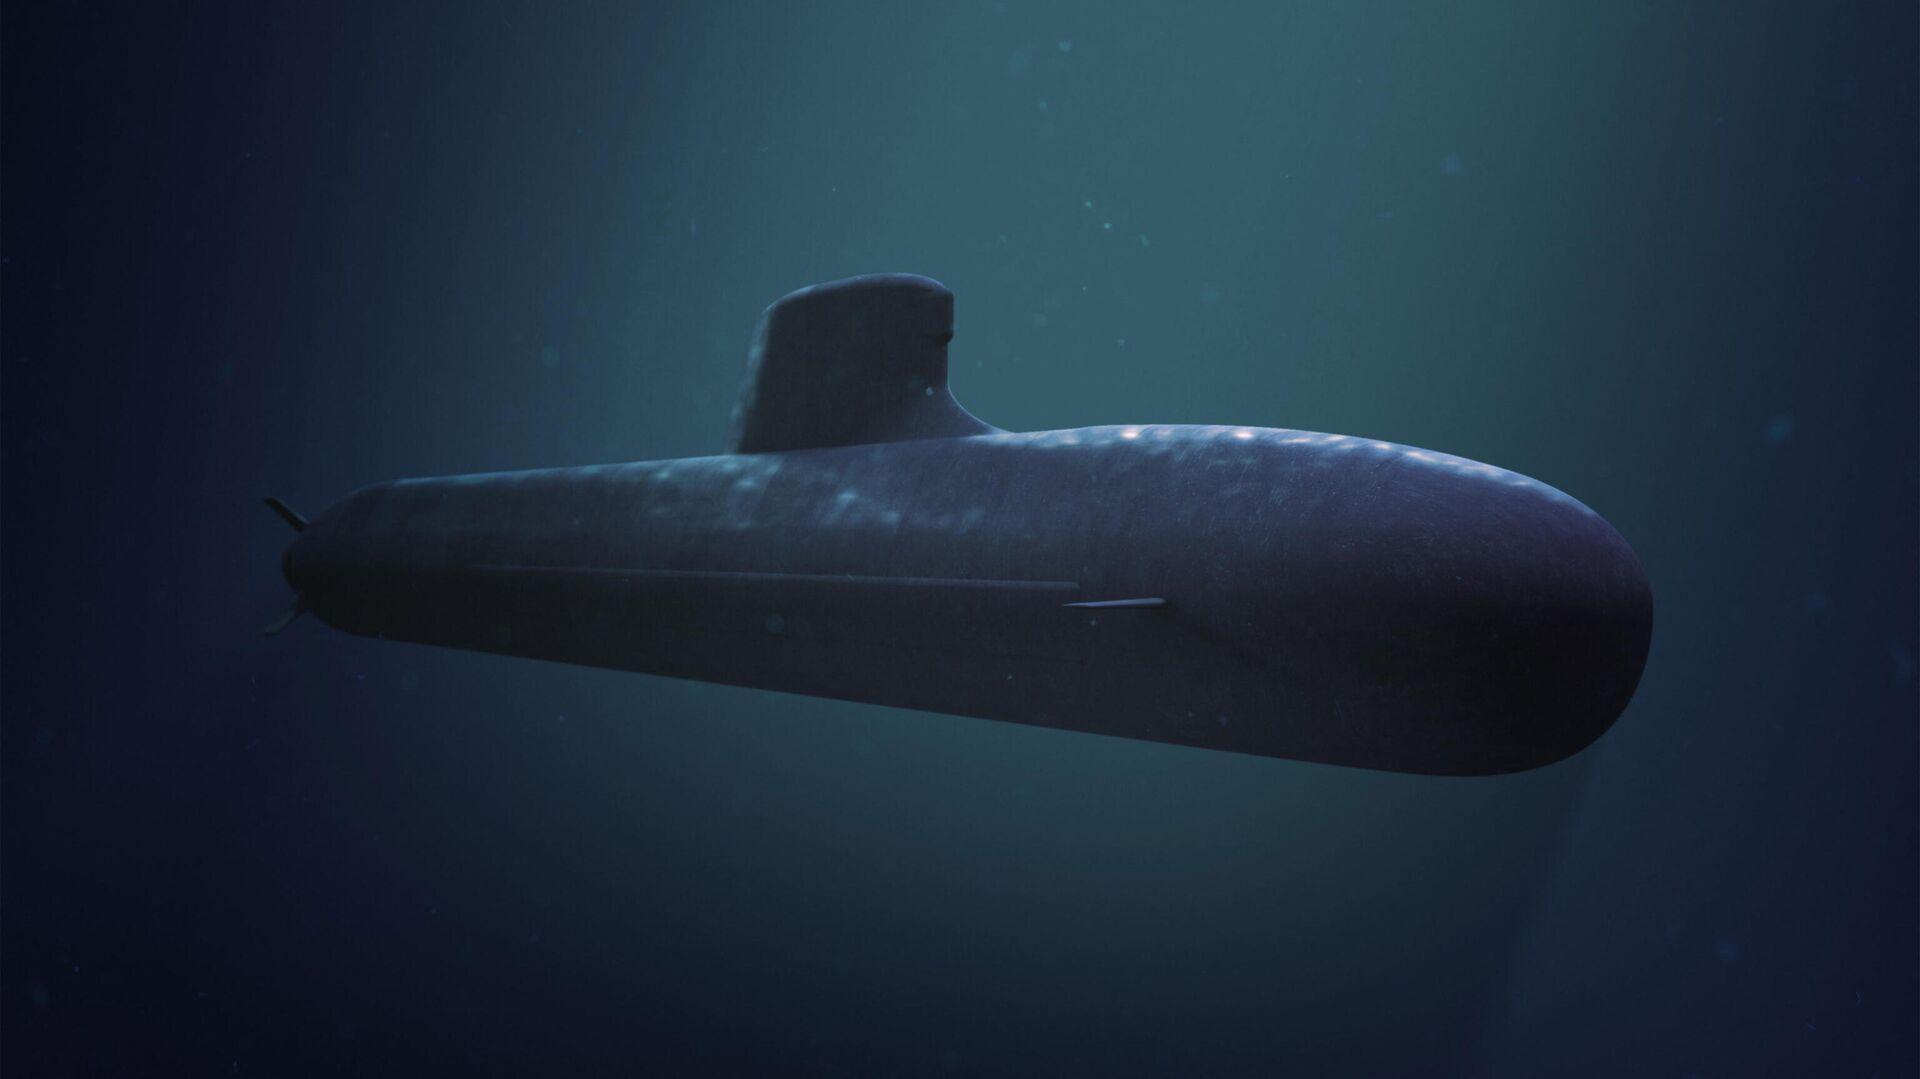 Компьютерная модель подводной лодки для австралийского флота, разработанная французской Naval Group - РИА Новости, 1920, 16.09.2021